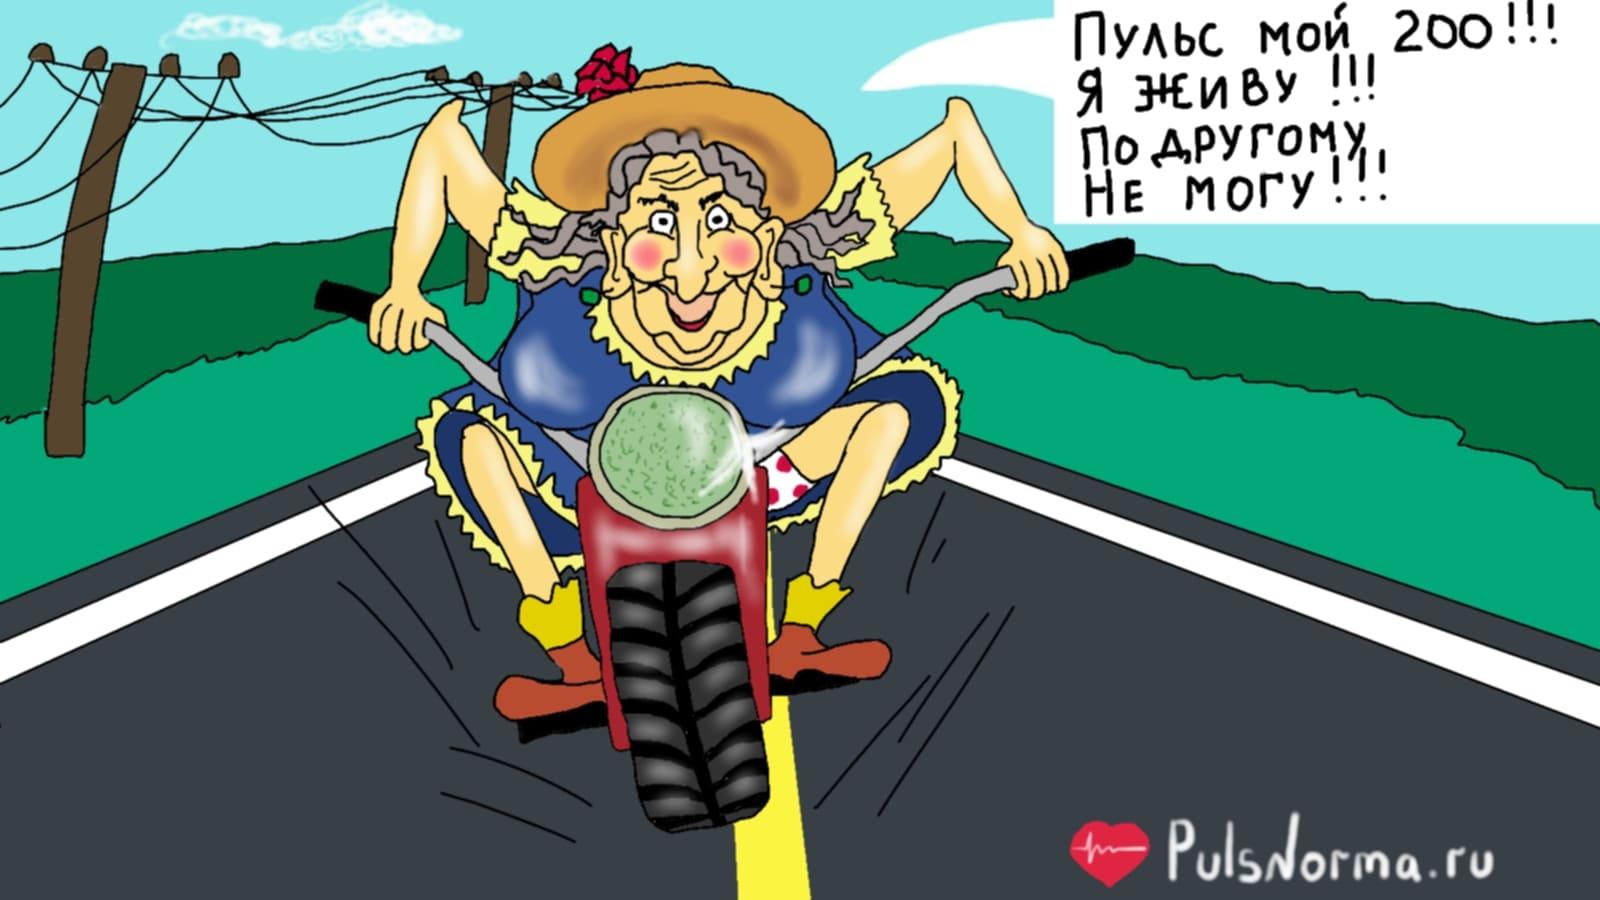 Высокий пульс на мотоцикле